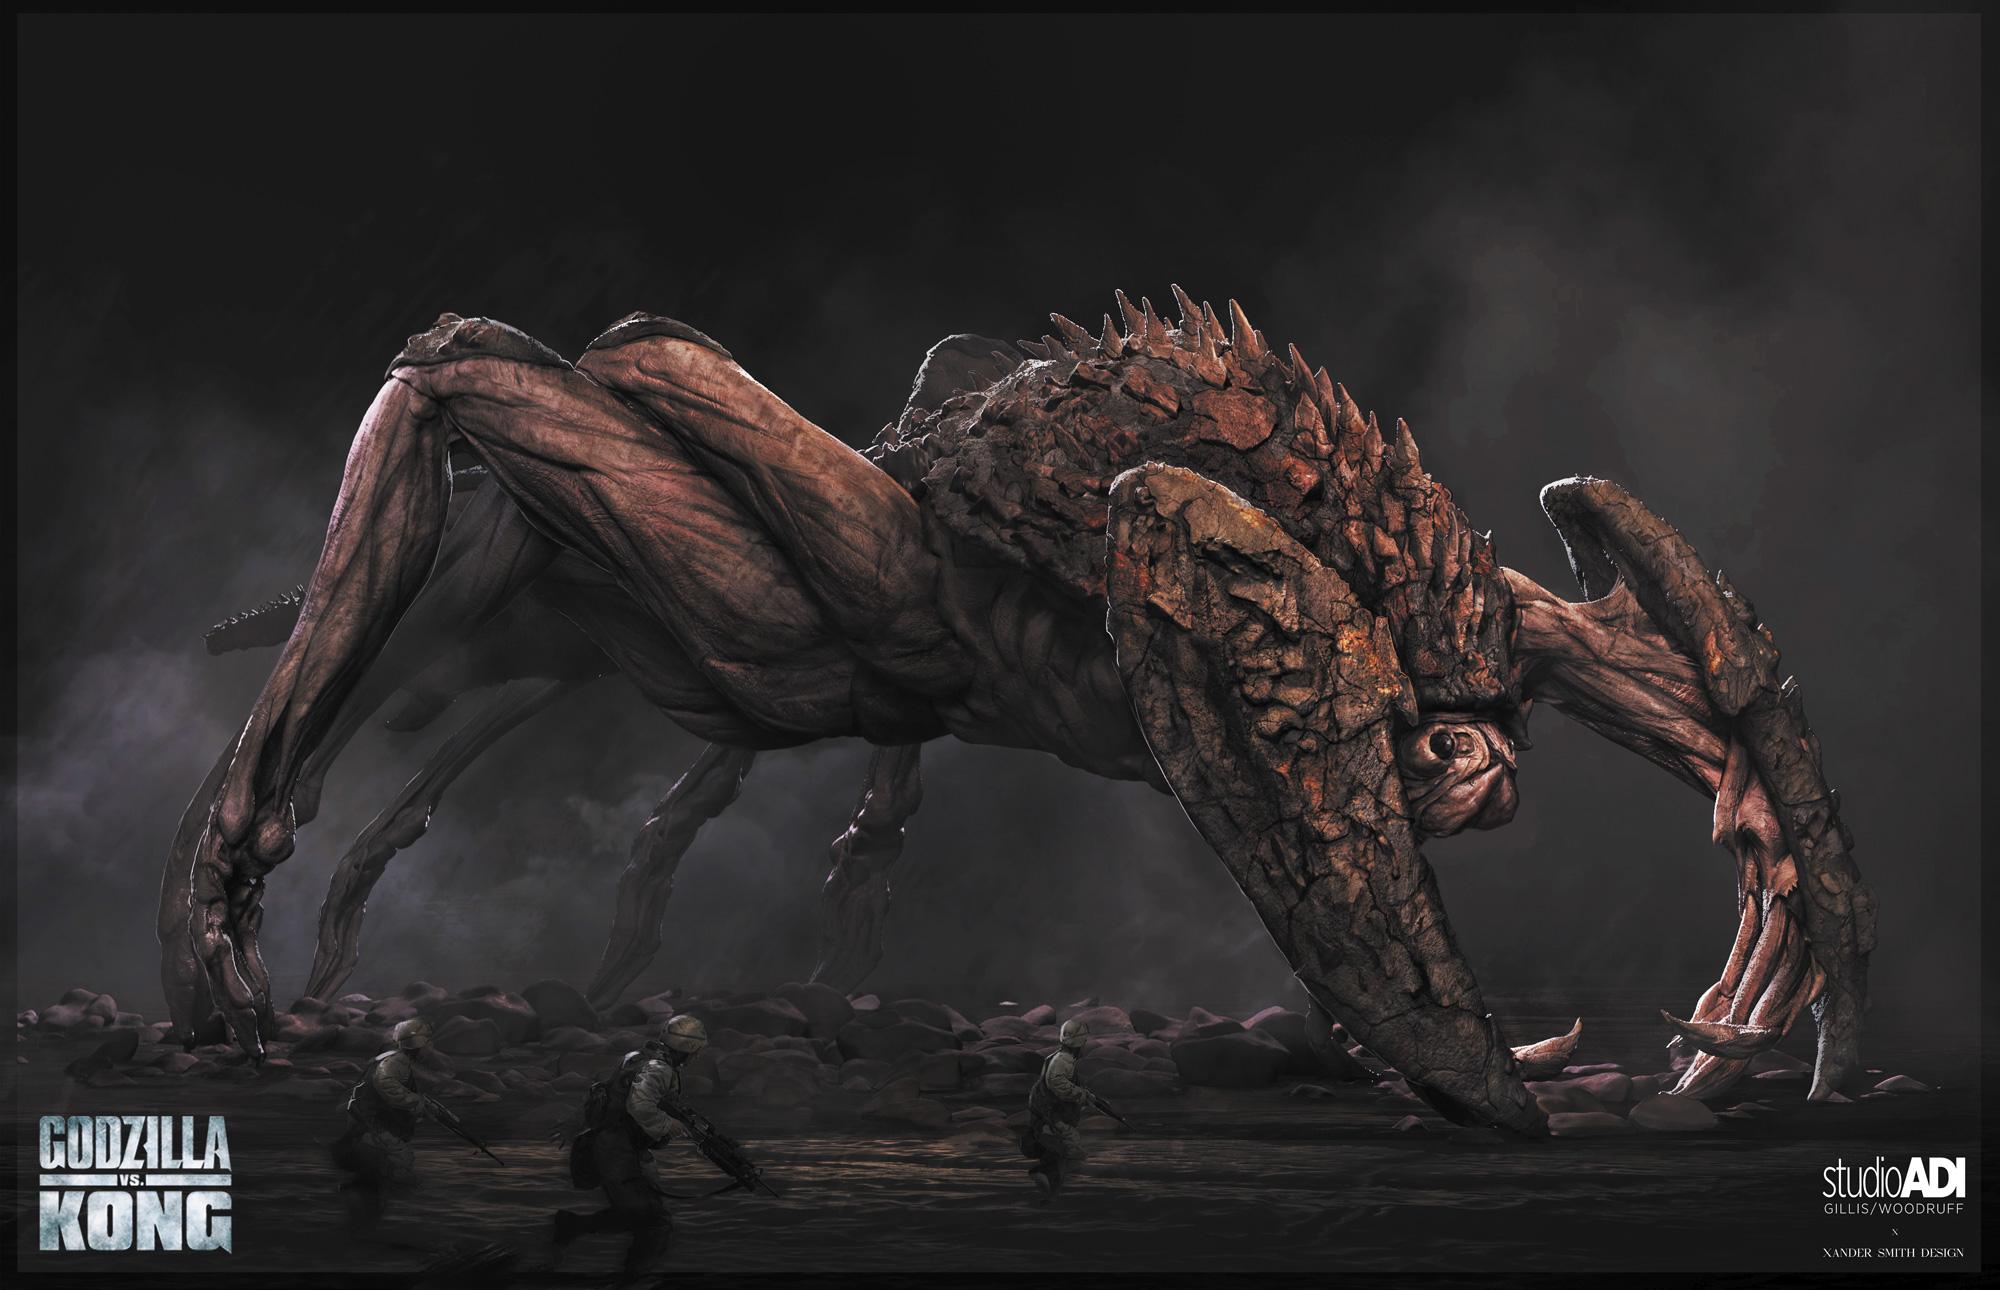 GodzillavKong__Artopsy_XanderSmith_Birdy092_KrystiJomei